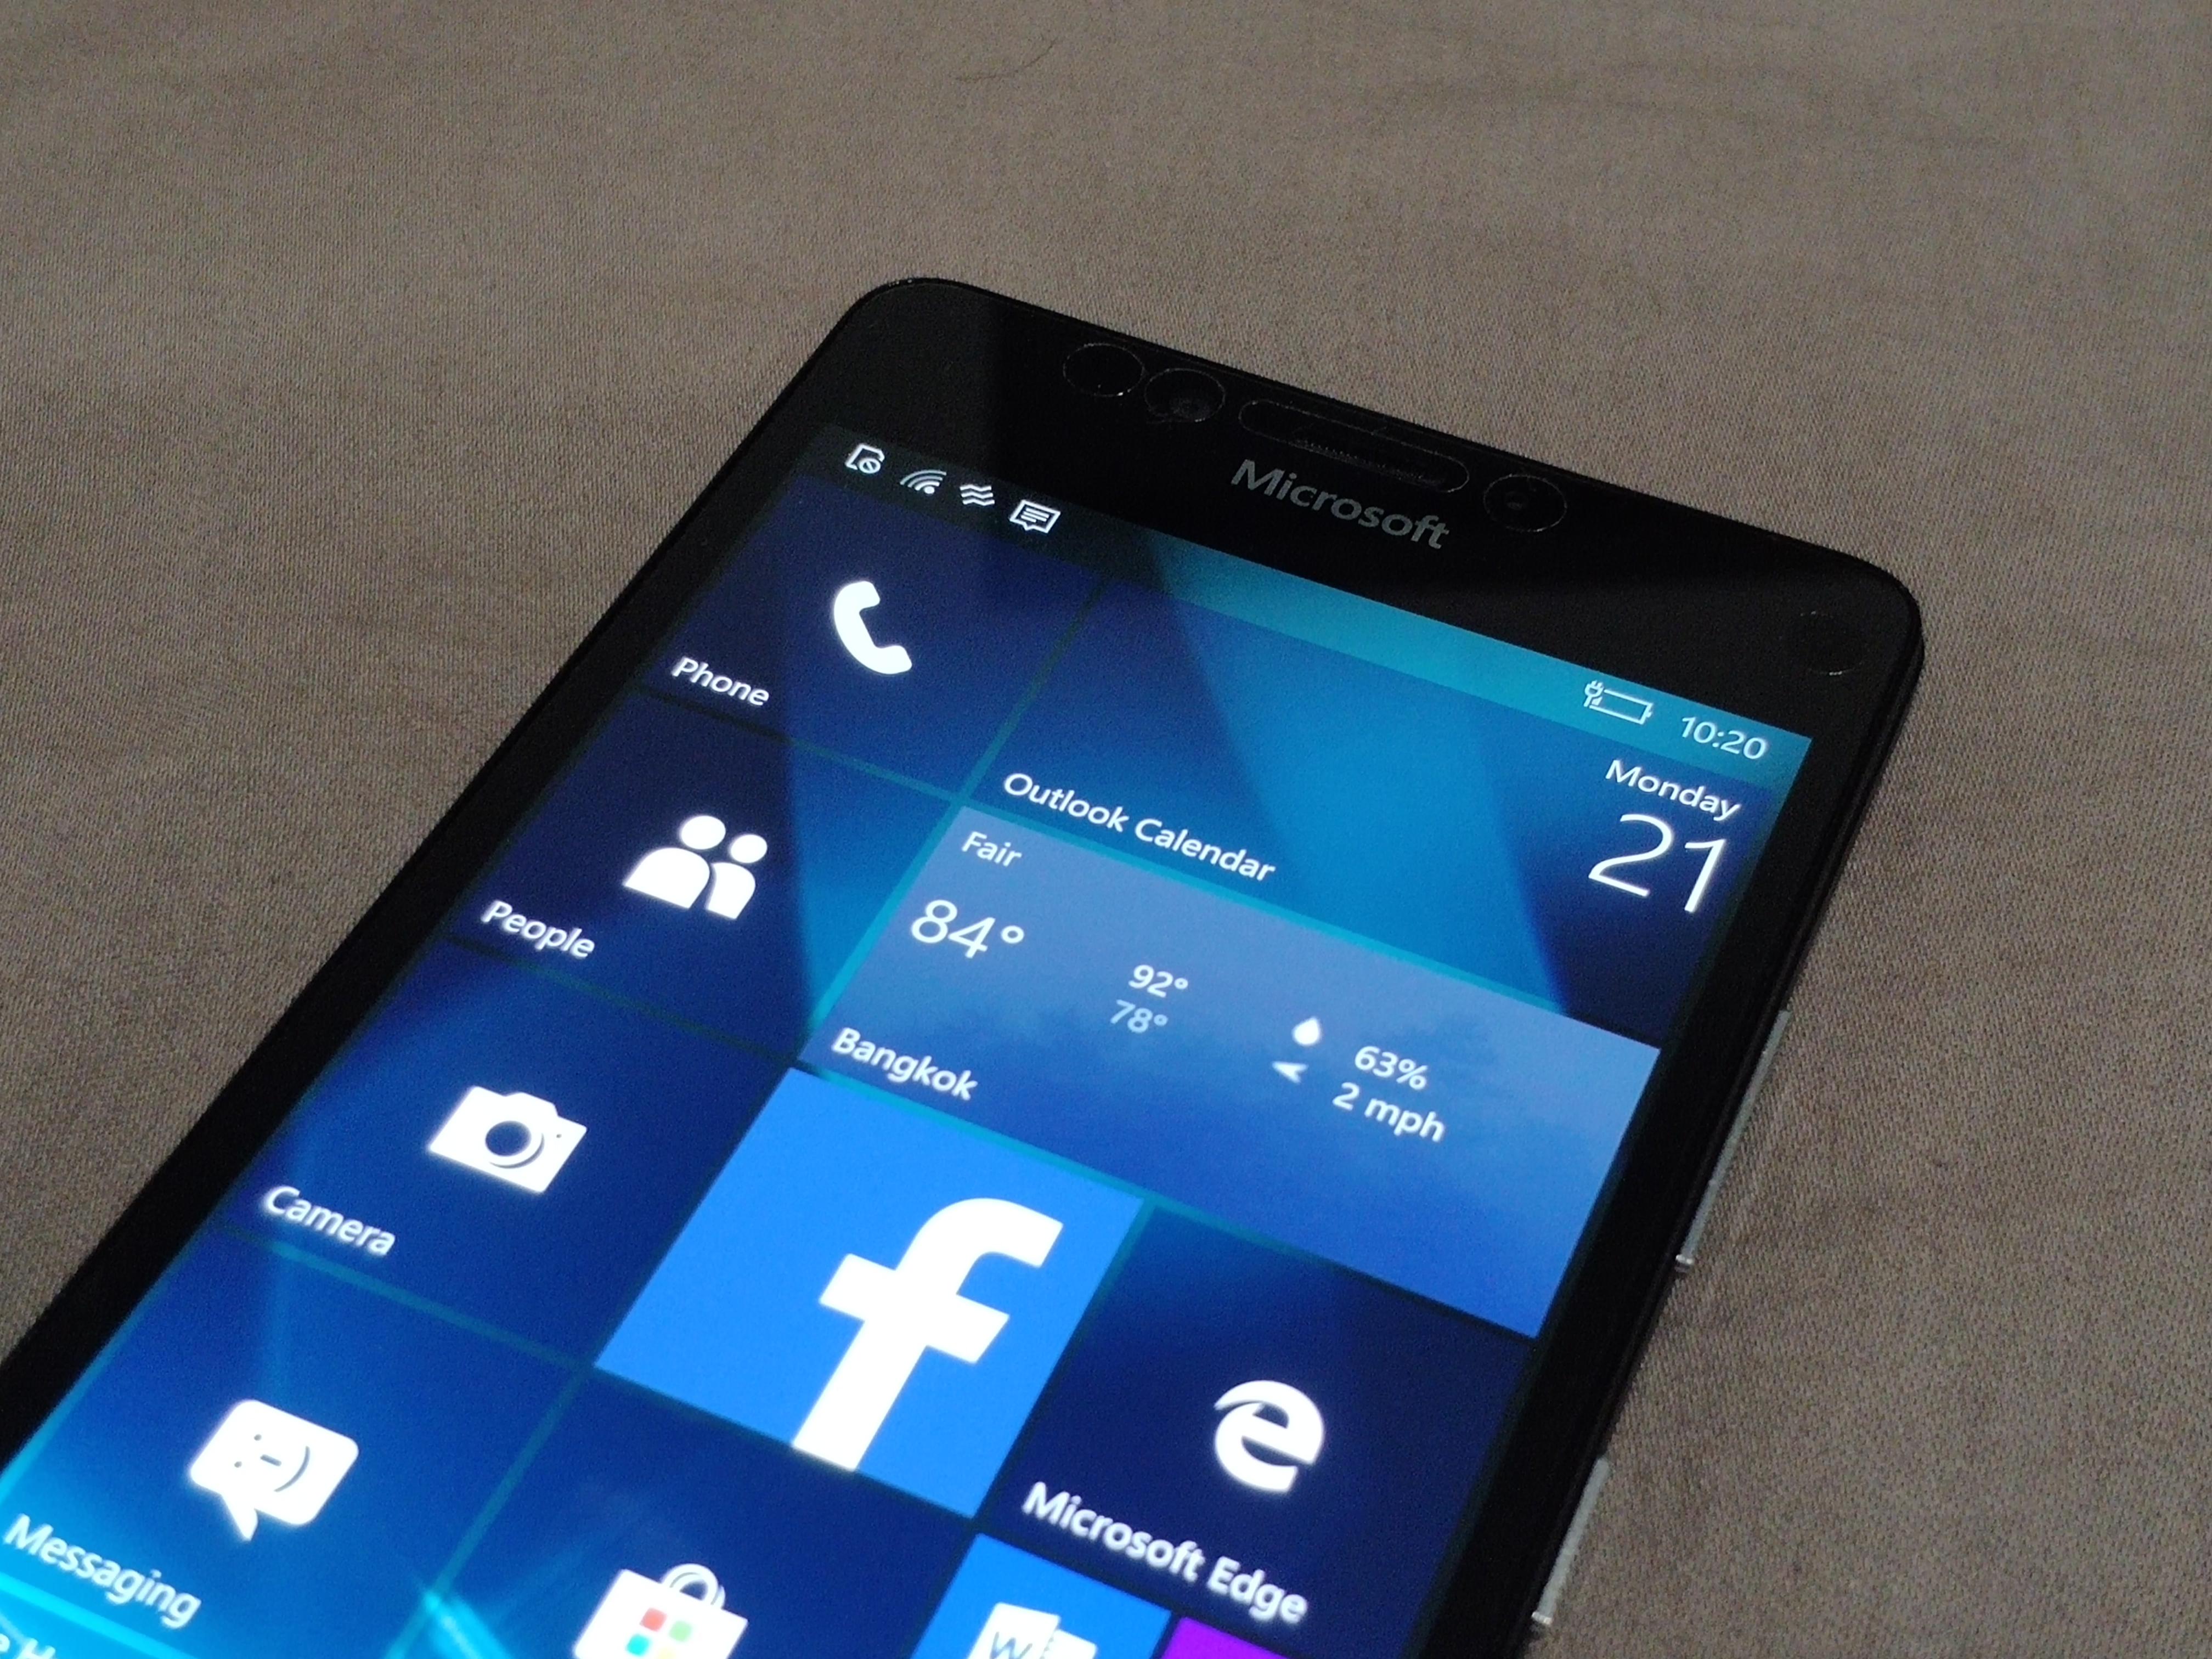 แพอย่างเป็นทางการ Microsoft ยุติการอัพเดตและสนับสนุน Windows 10 Mobile เดือนธันวาคมนี้ 1